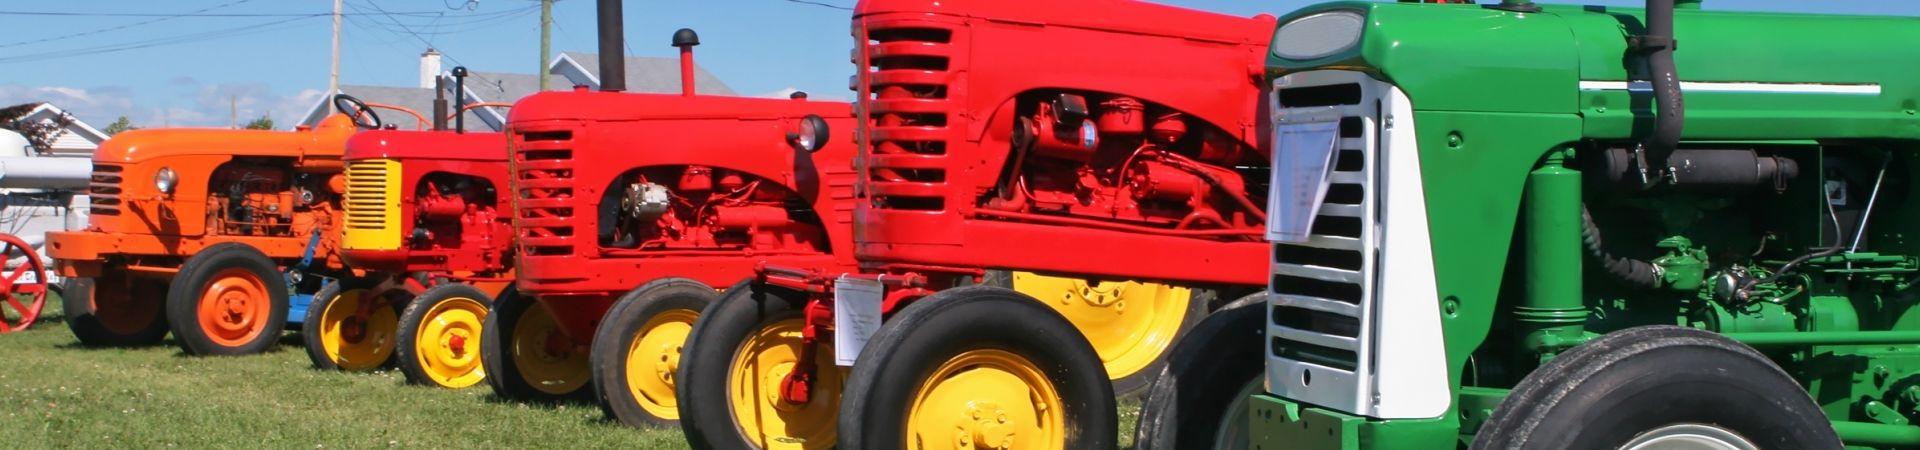 Slider tractors